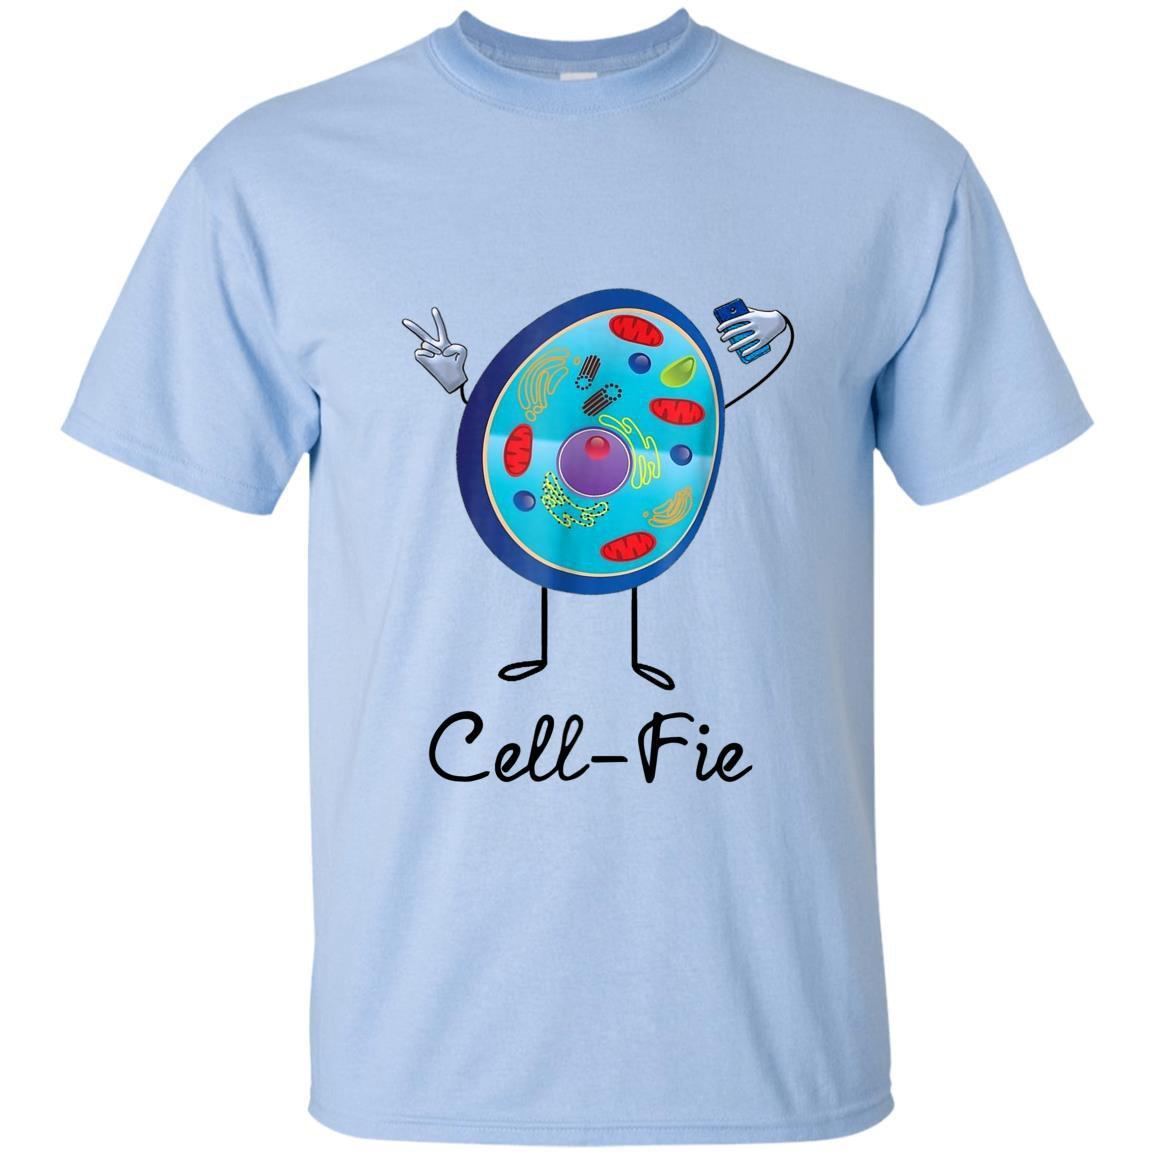 Cell fie funny science teacher selfie pun T-shirt